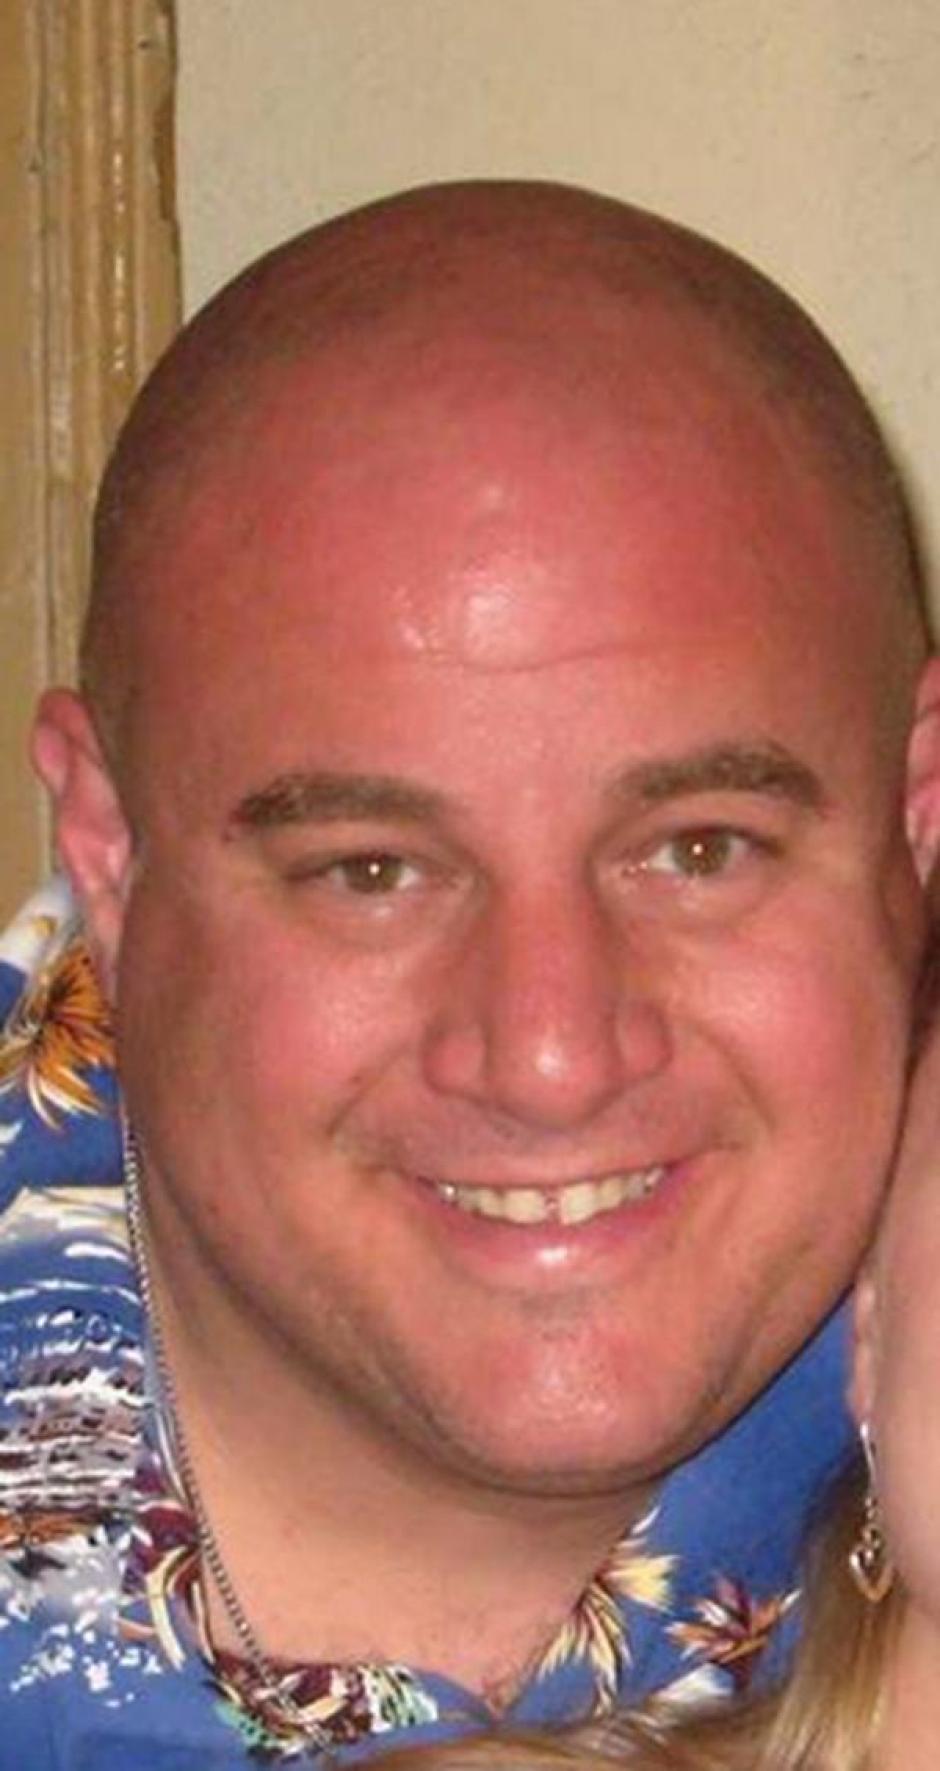 El agente Lorne Ahrens, también murió en el ataque, había trabajado como Sheriff del condado de Los Ángeles por más de 10 años. (Foto: www.infobae.com)